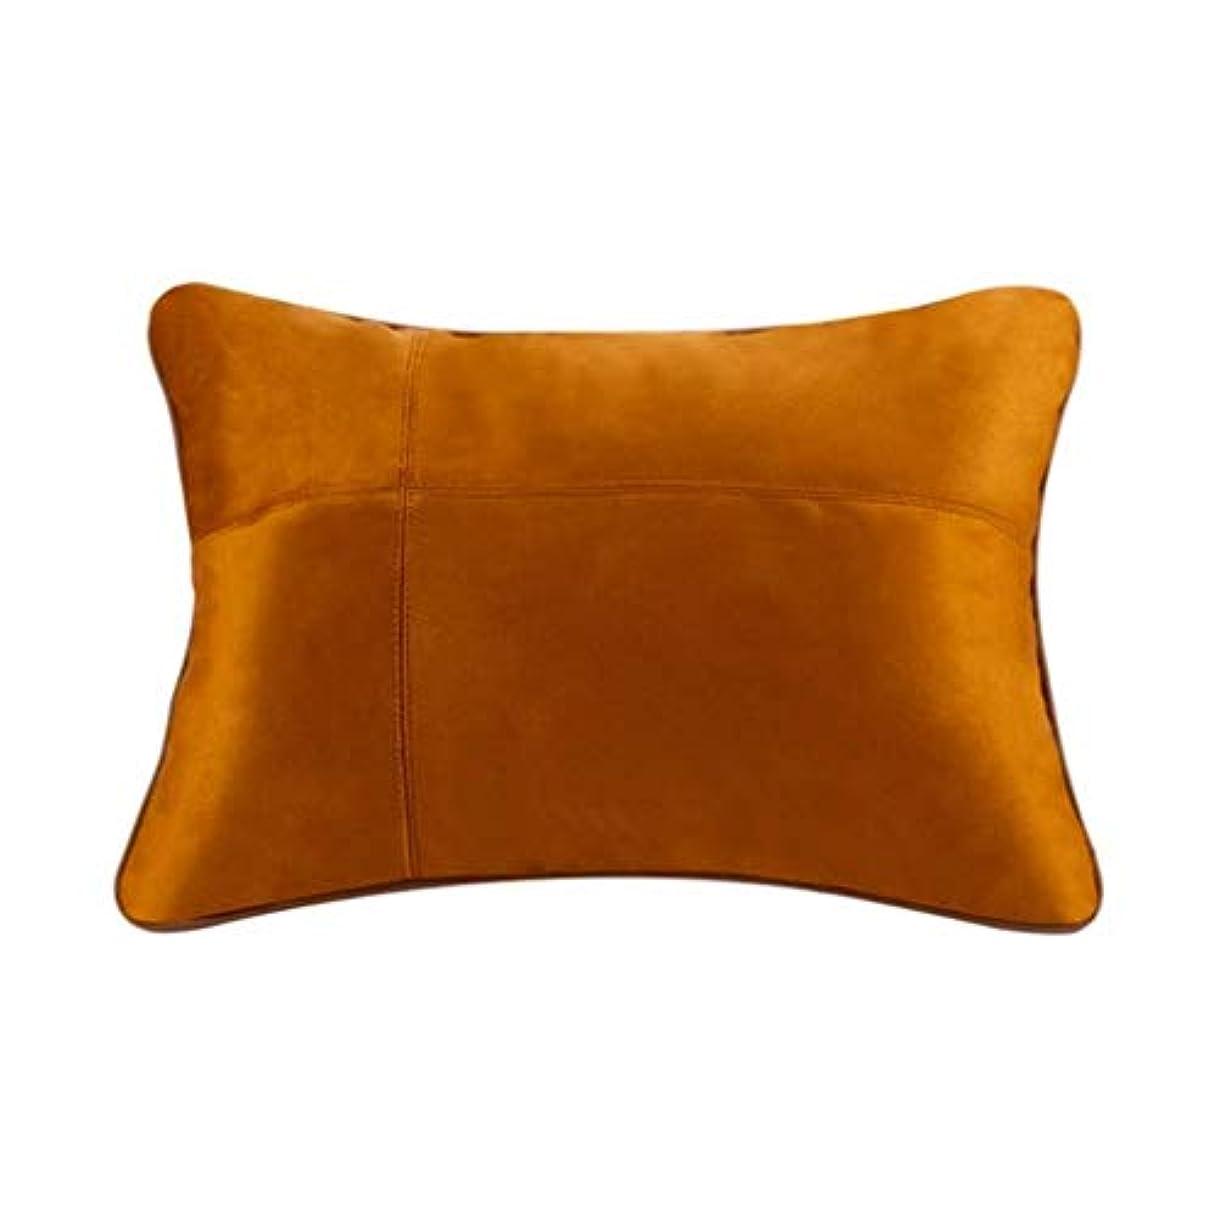 カメラ振る舞う欠陥枕、腰部背部支持パッド、妊娠中の腰椎枕、腰用シートクッション、姿勢ブレース、腰痛を和らげる、低反発腰椎背もたれ枕、オフィスカーチェア、車の室内装飾 (Color : Brown)